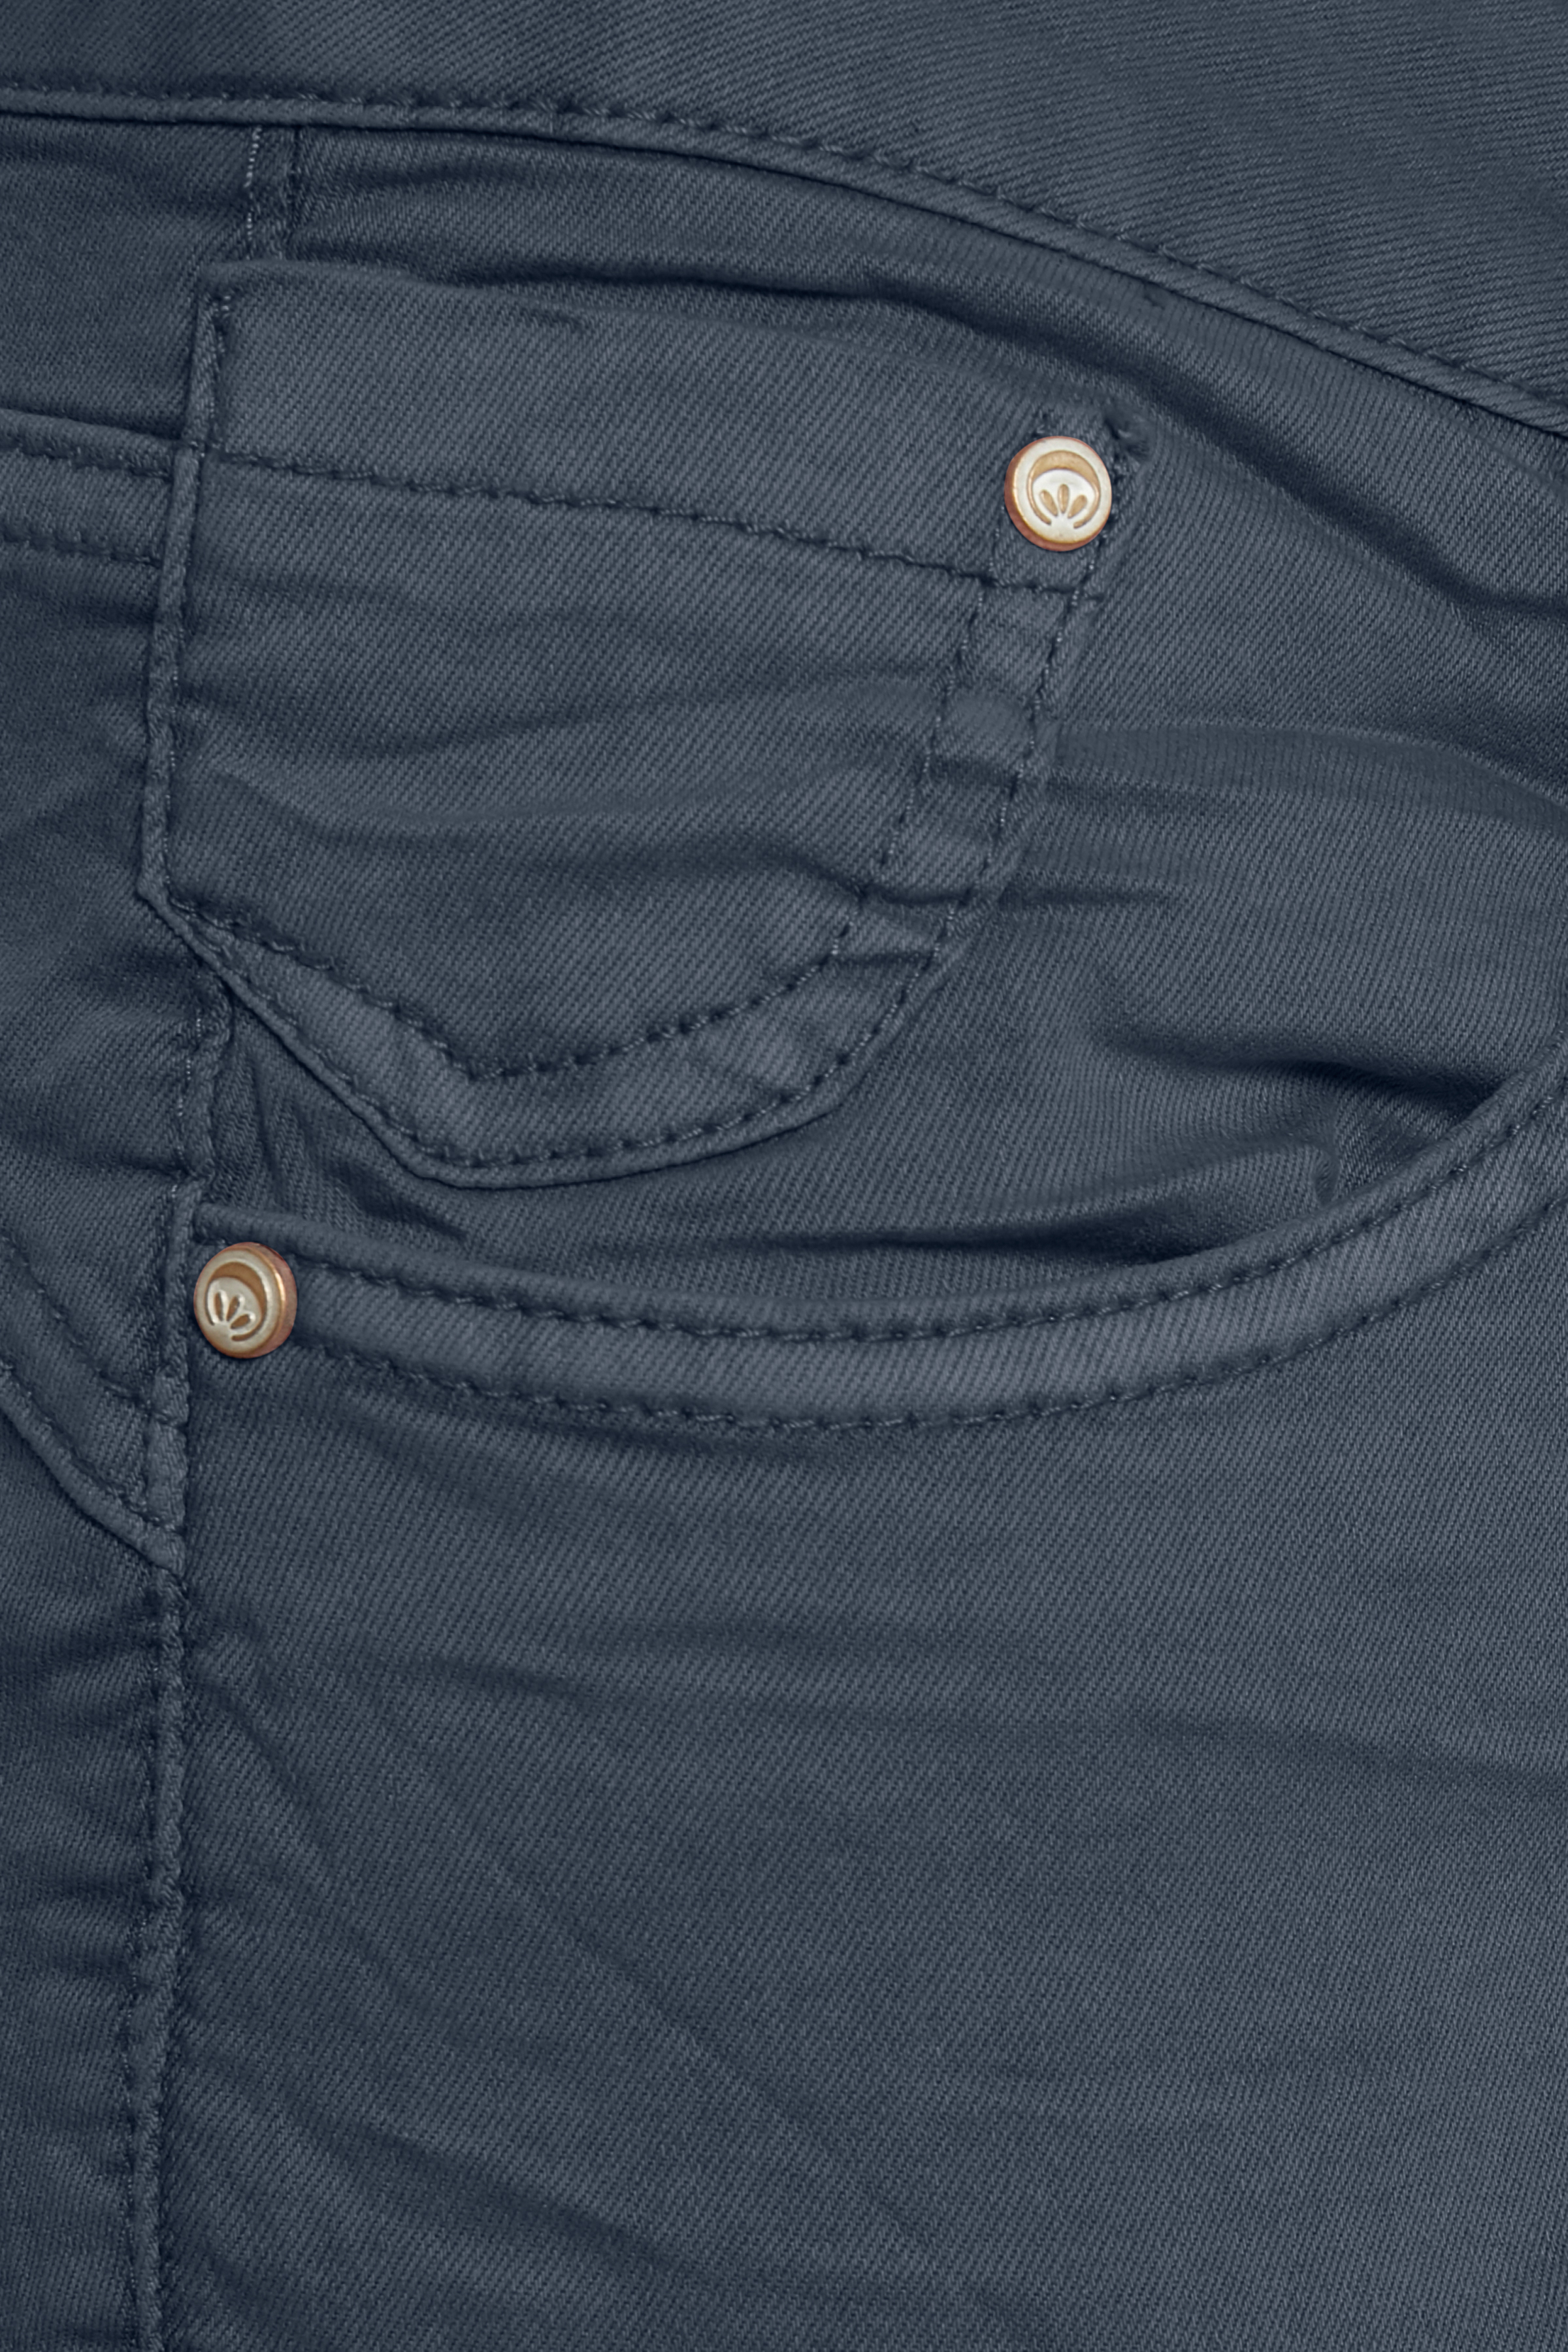 Marineblå Jeans fra Cream – Køb Marineblå Jeans fra str. 24-34 her